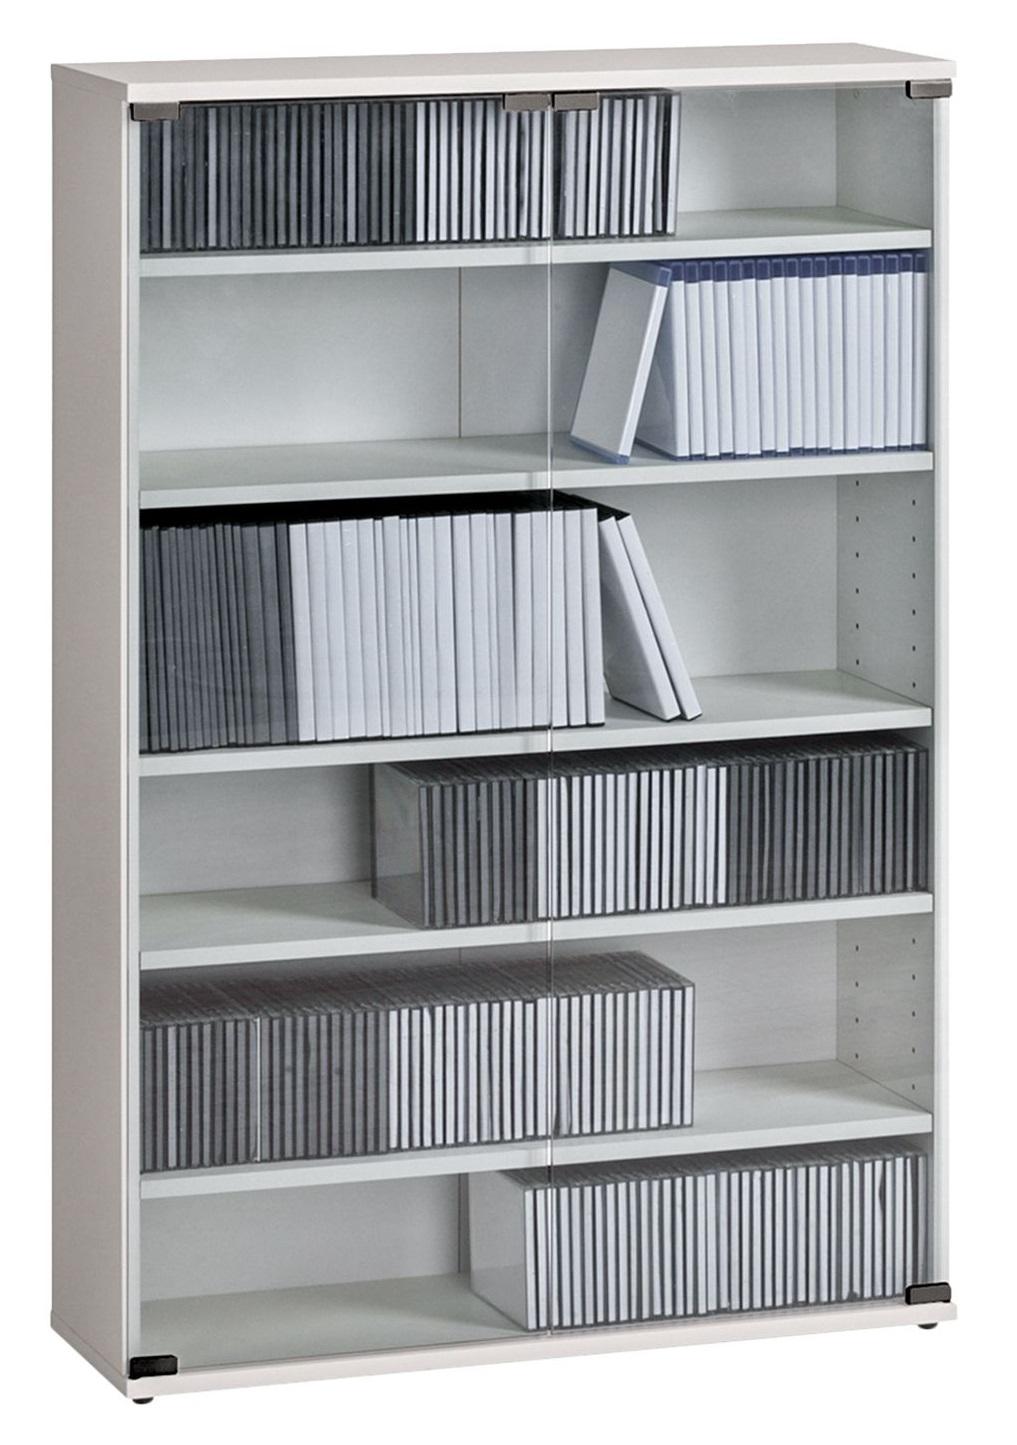 CD DVD kast Maya L 110 cm hoog in wit | Bermeo